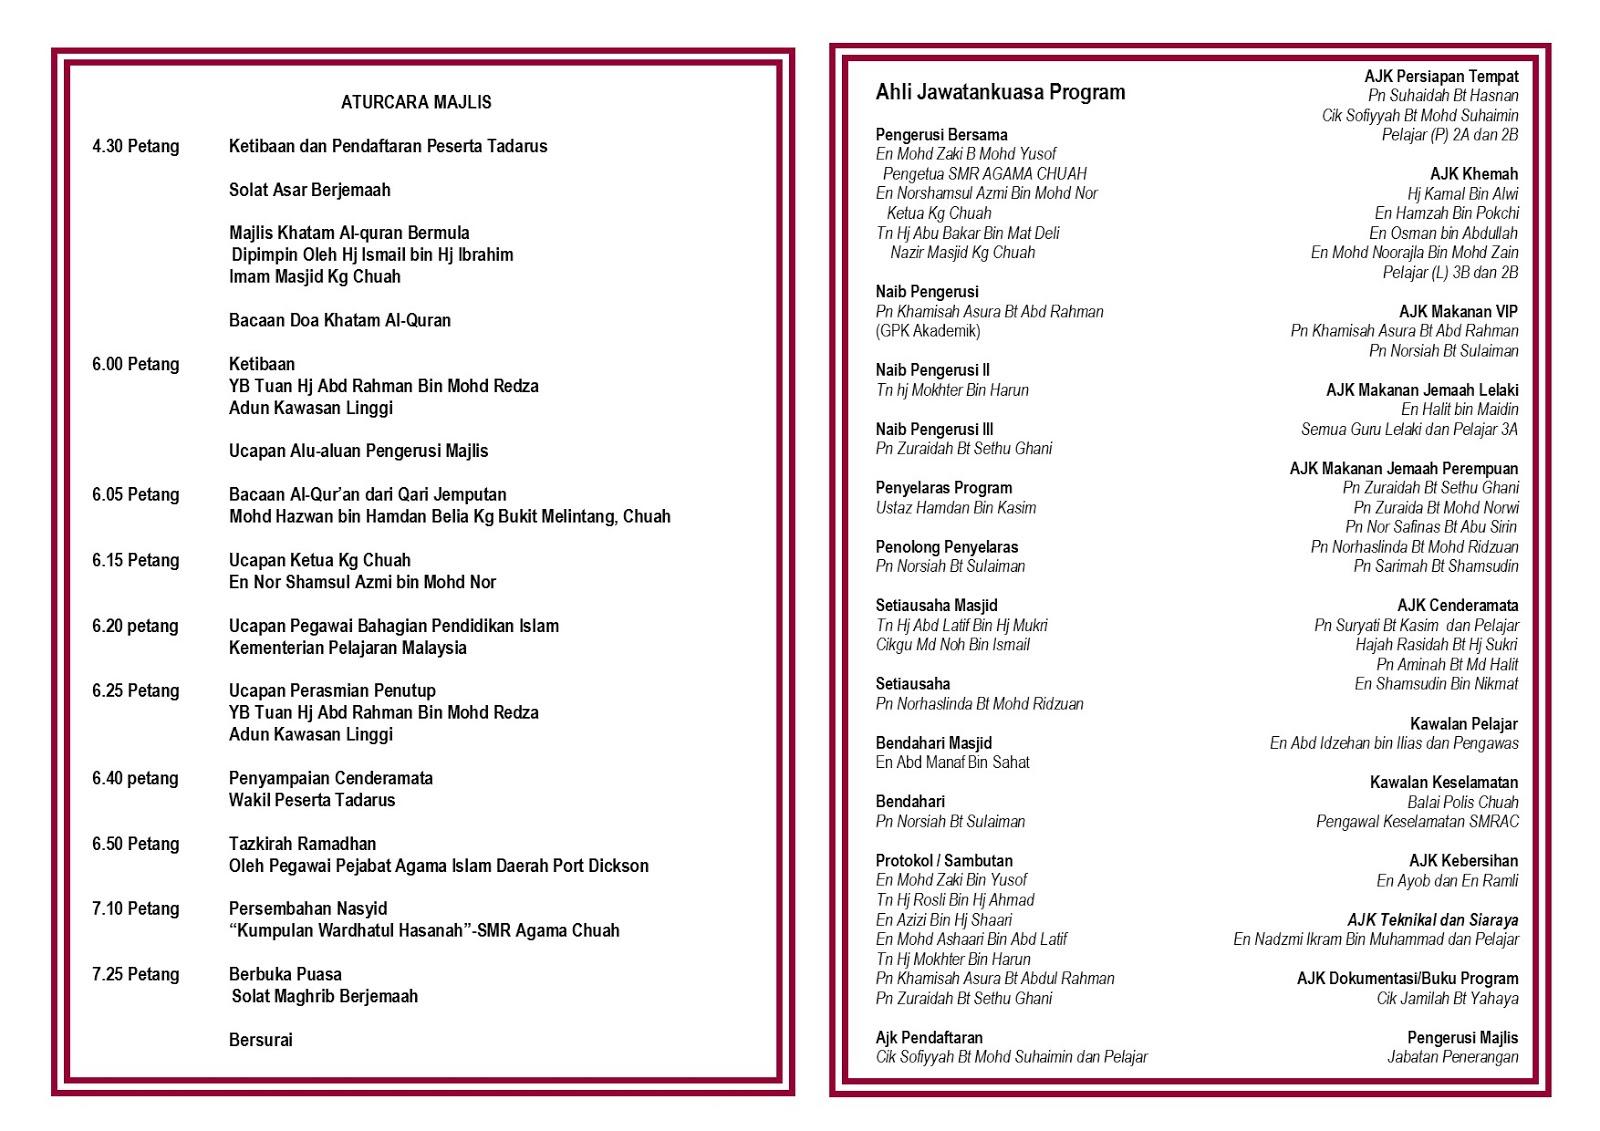 Contoh Buku Program Khatam Al Quran - Contoh II